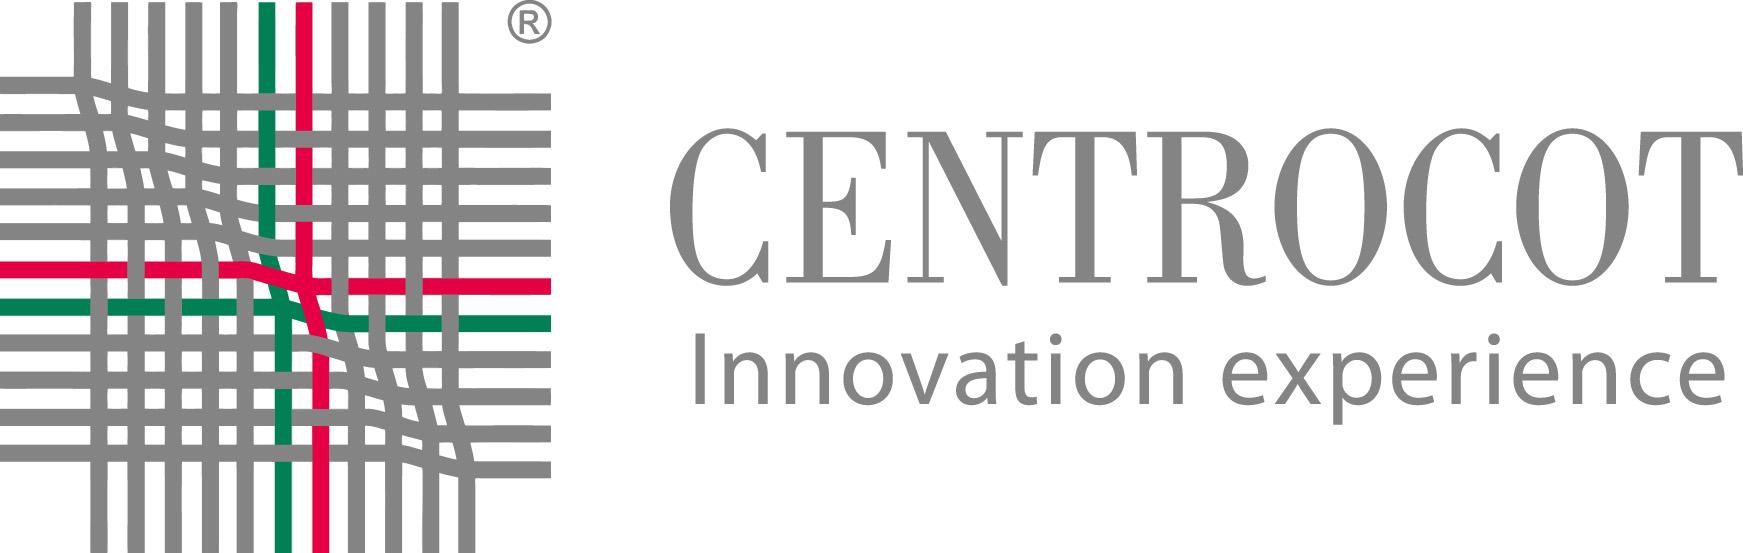 Centro Tessile Cotoniero e Abbigliamento S.p.a. (Centrocot)